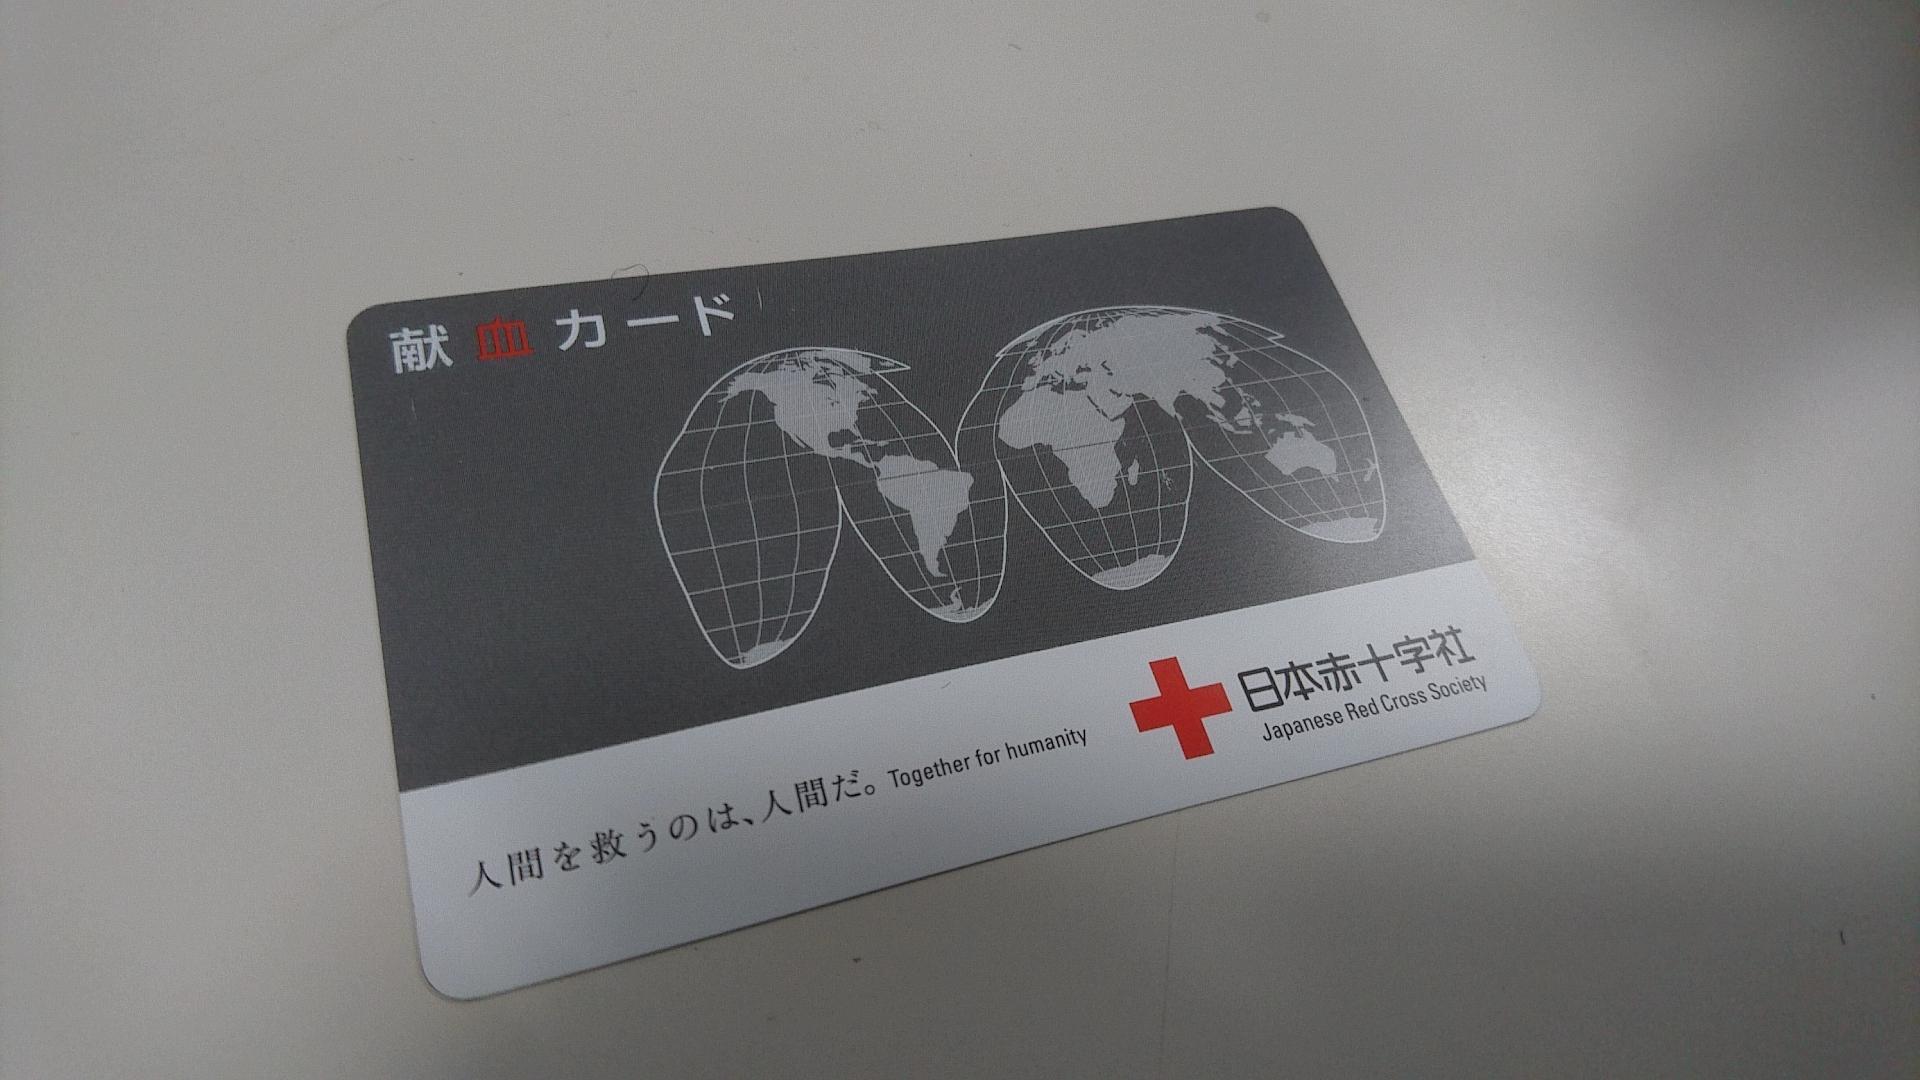 kenketsu_card.jpg